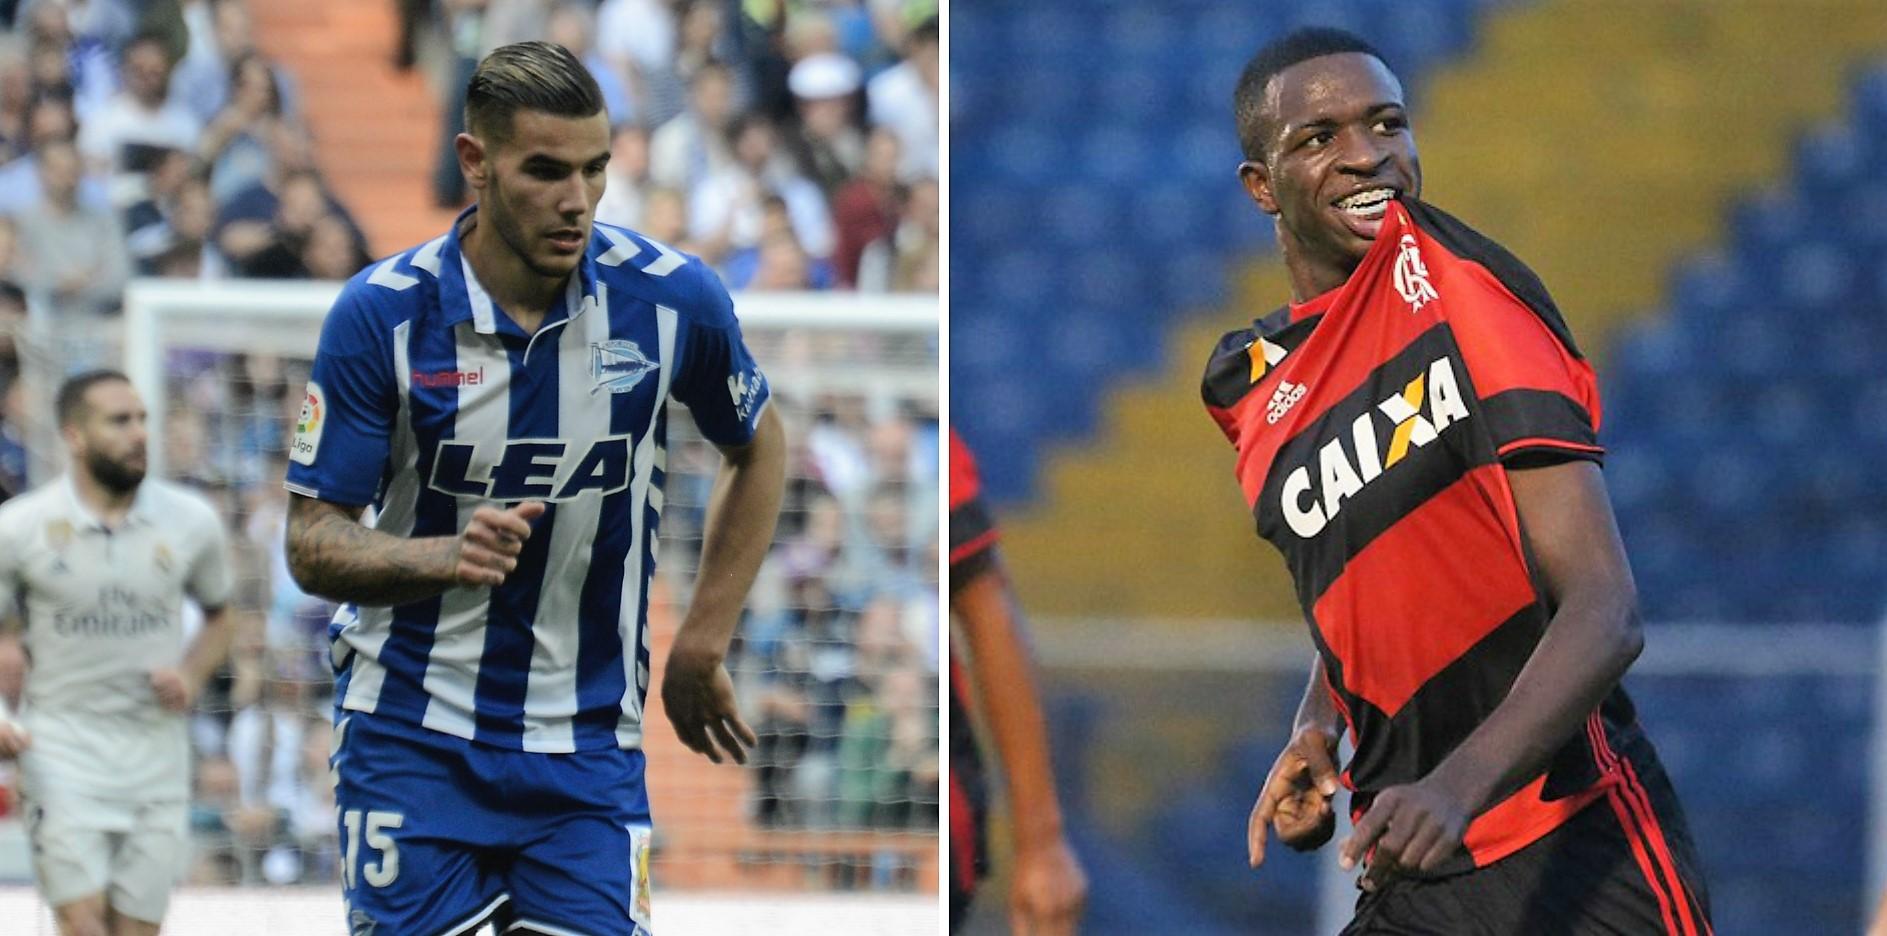 ريال مدريد يتعاقد مع نجم فلامينغو البرازيلي